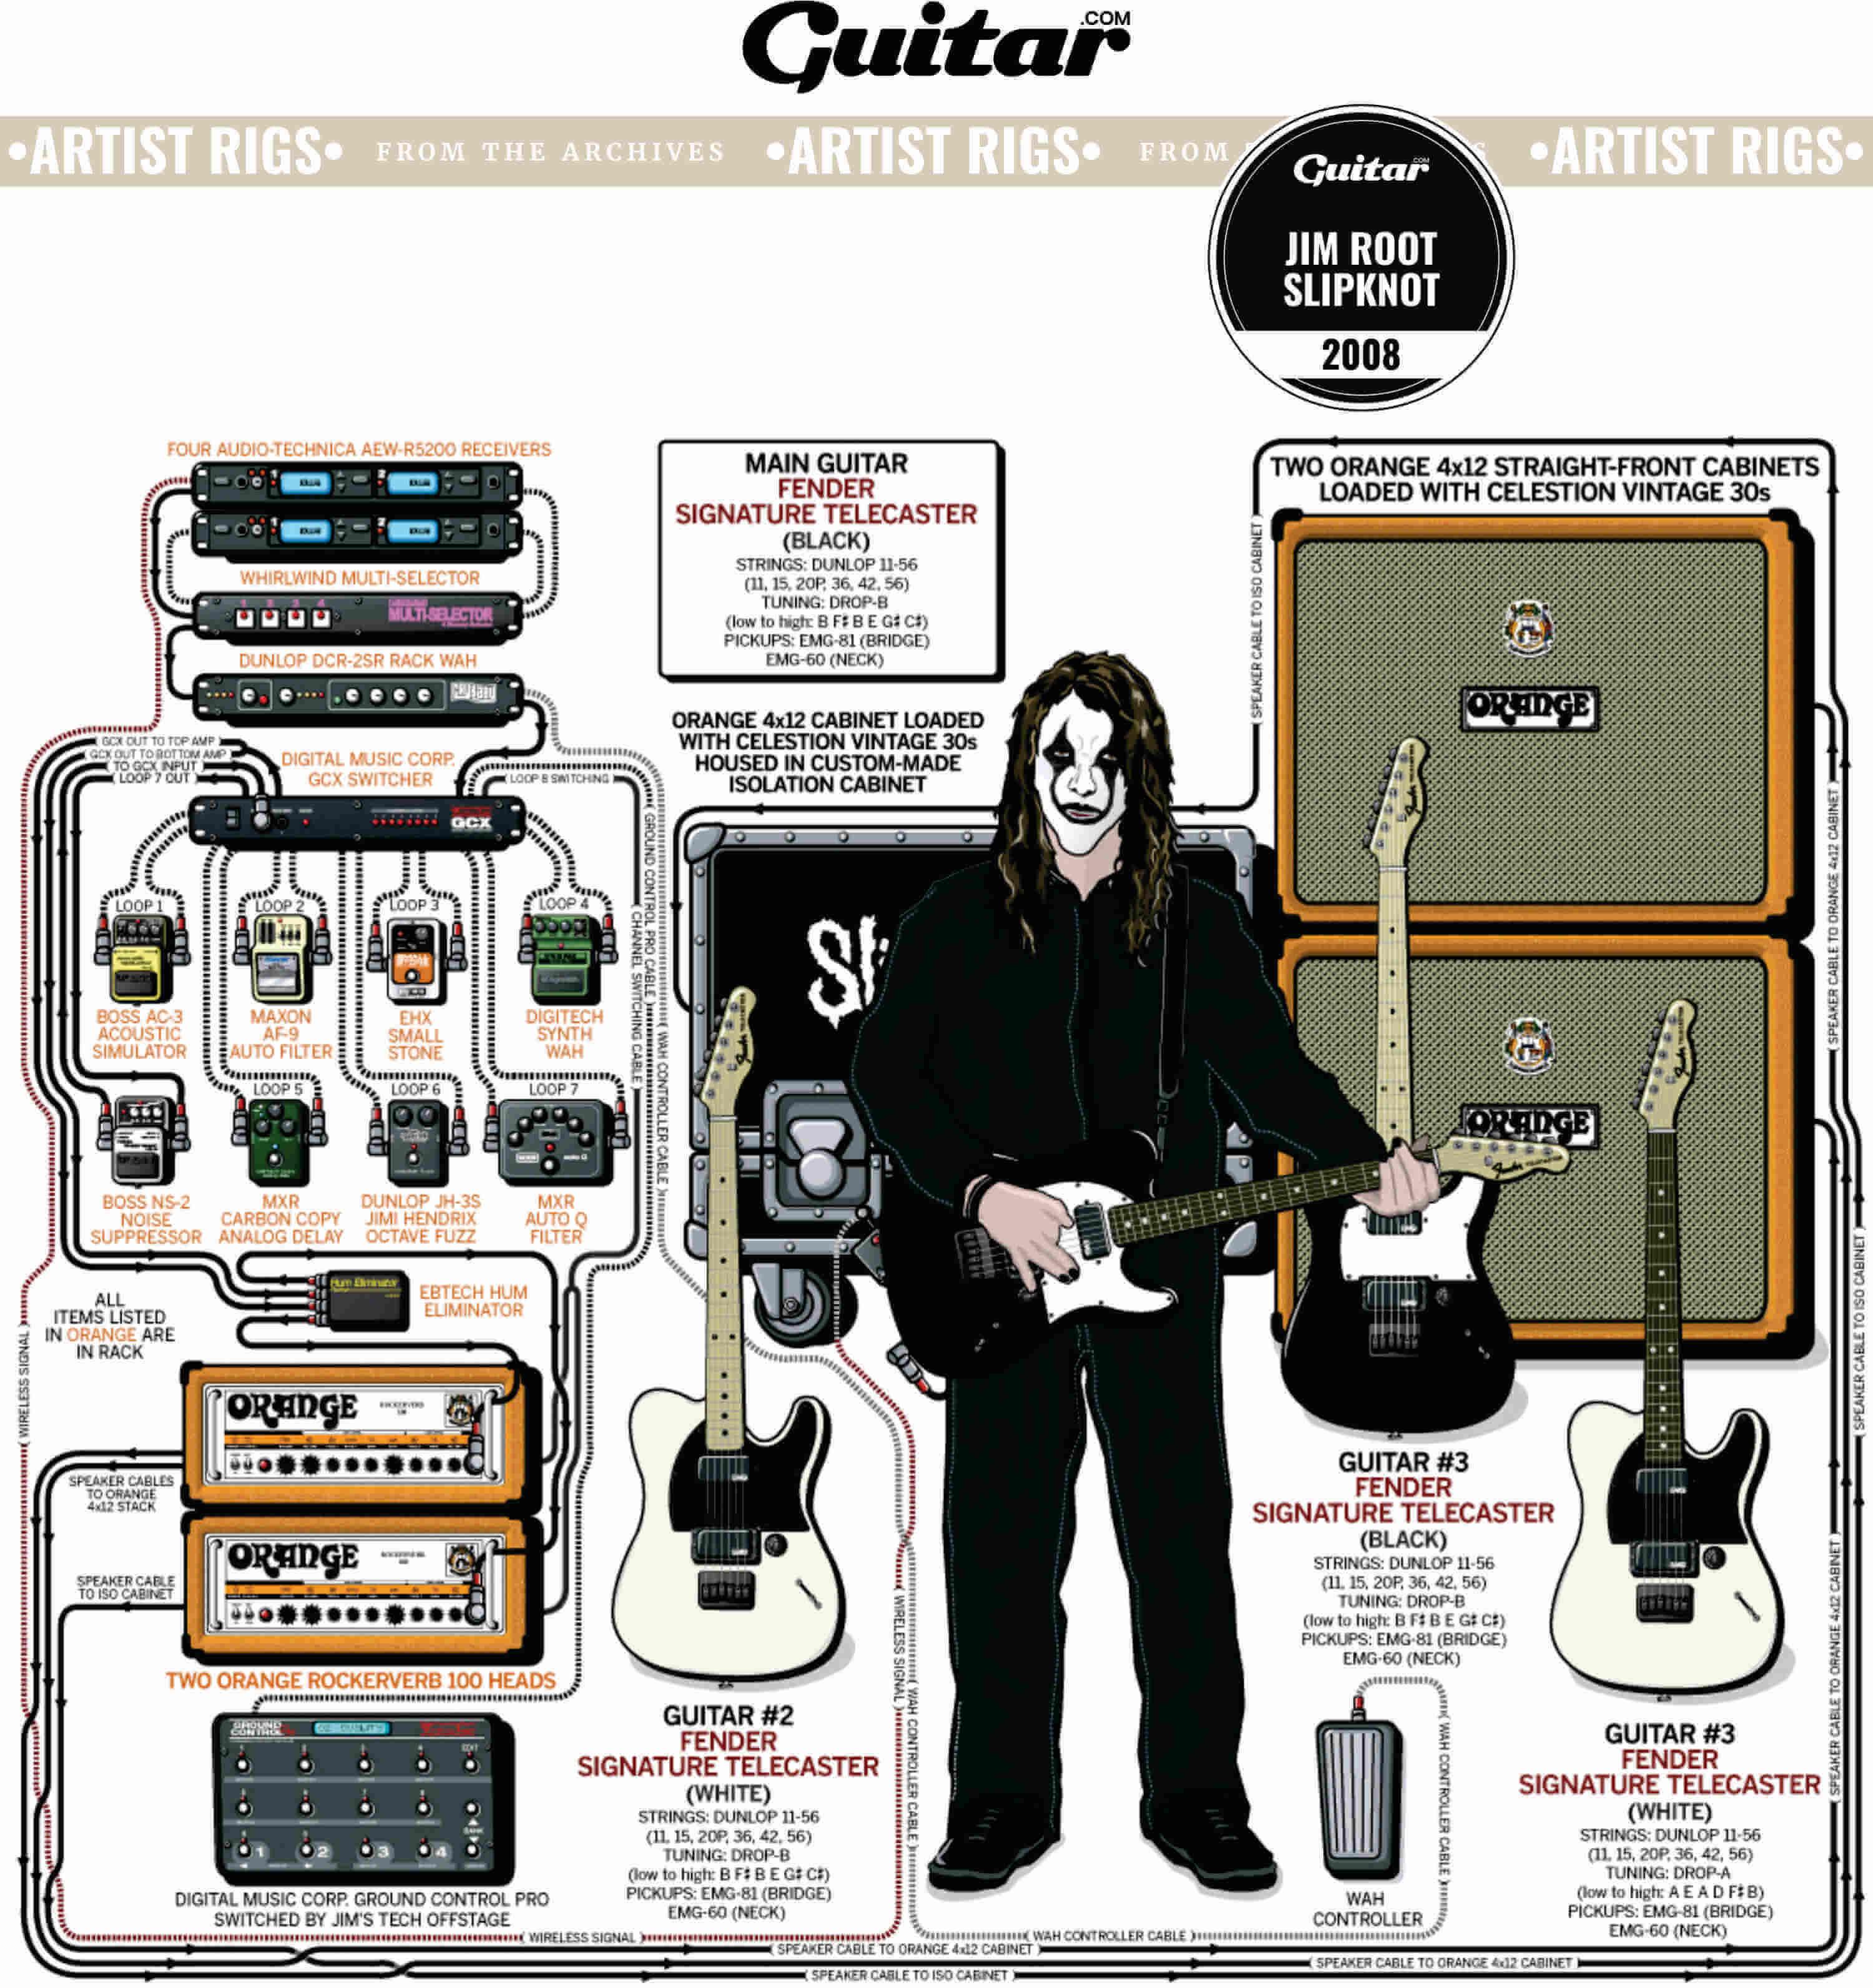 Rig Diagram: Jim Root, Slipknot (2008)